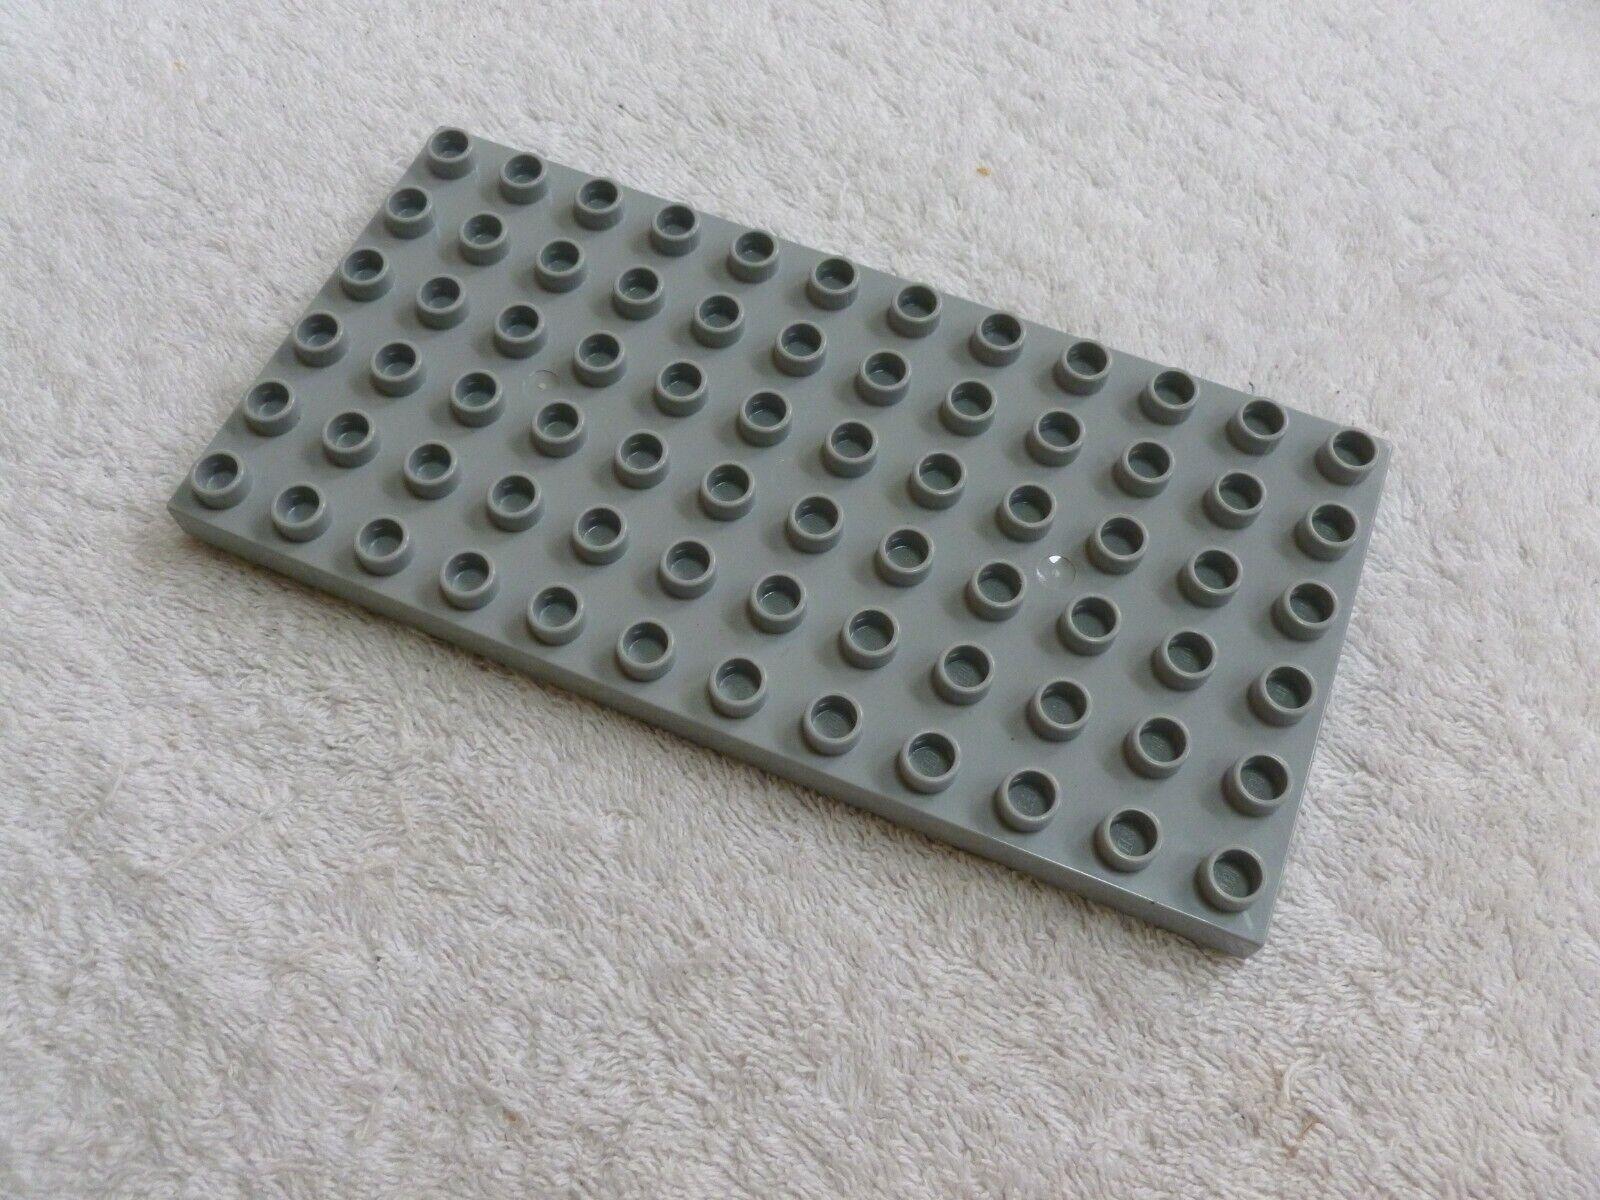 レゴ二重ベースプレート6 x 12ライトグレー- 1